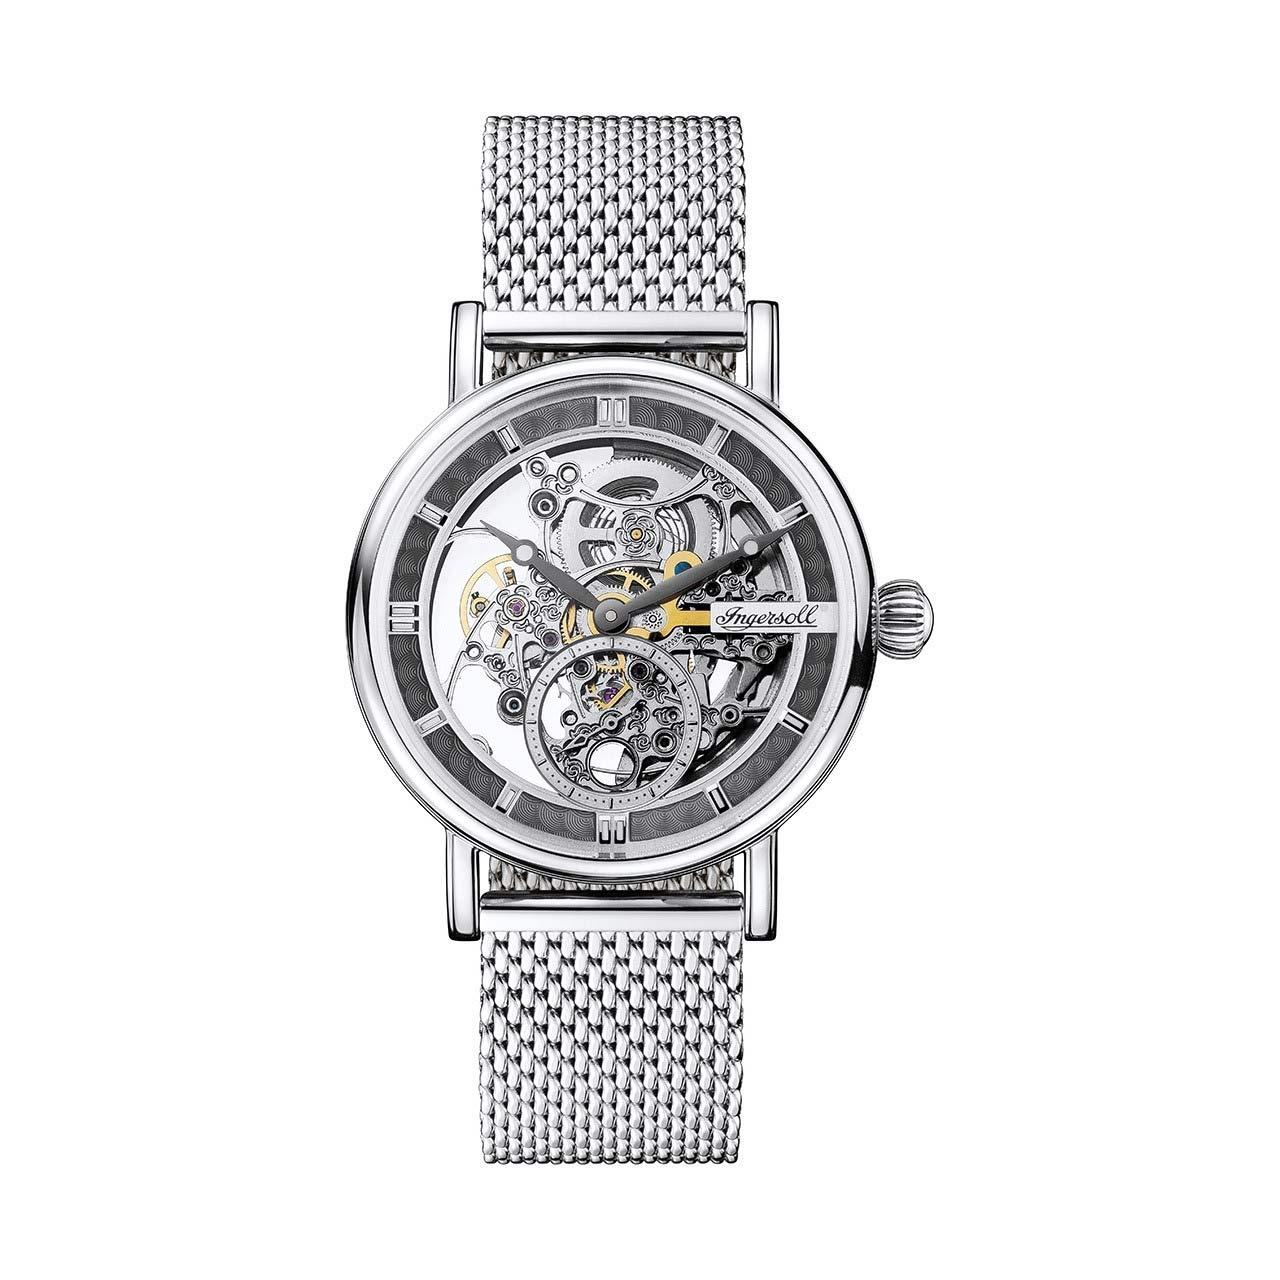 ساعت مچی عقربه ای مردانه اینگرسل مدل I00405 46